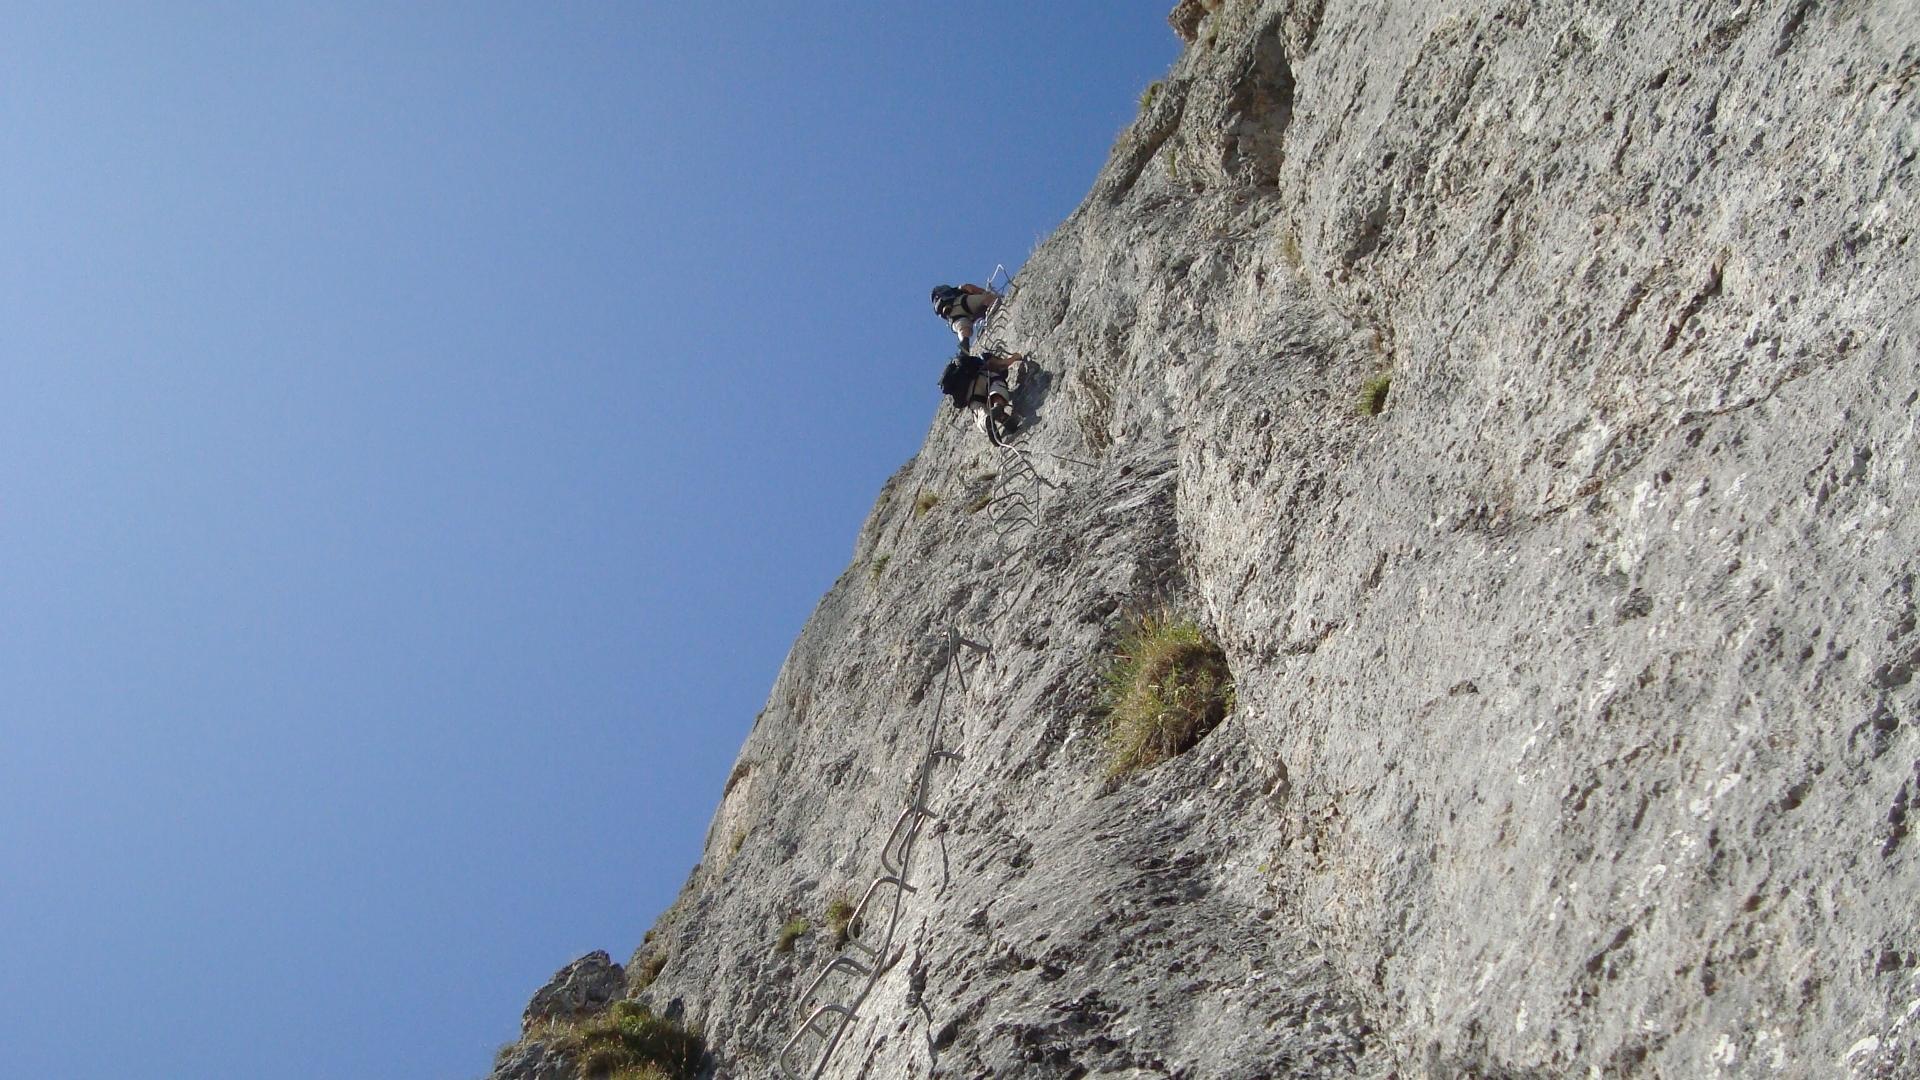 Klettersteig Schweiz : Pinut klettersteig in flims schweiz todayis